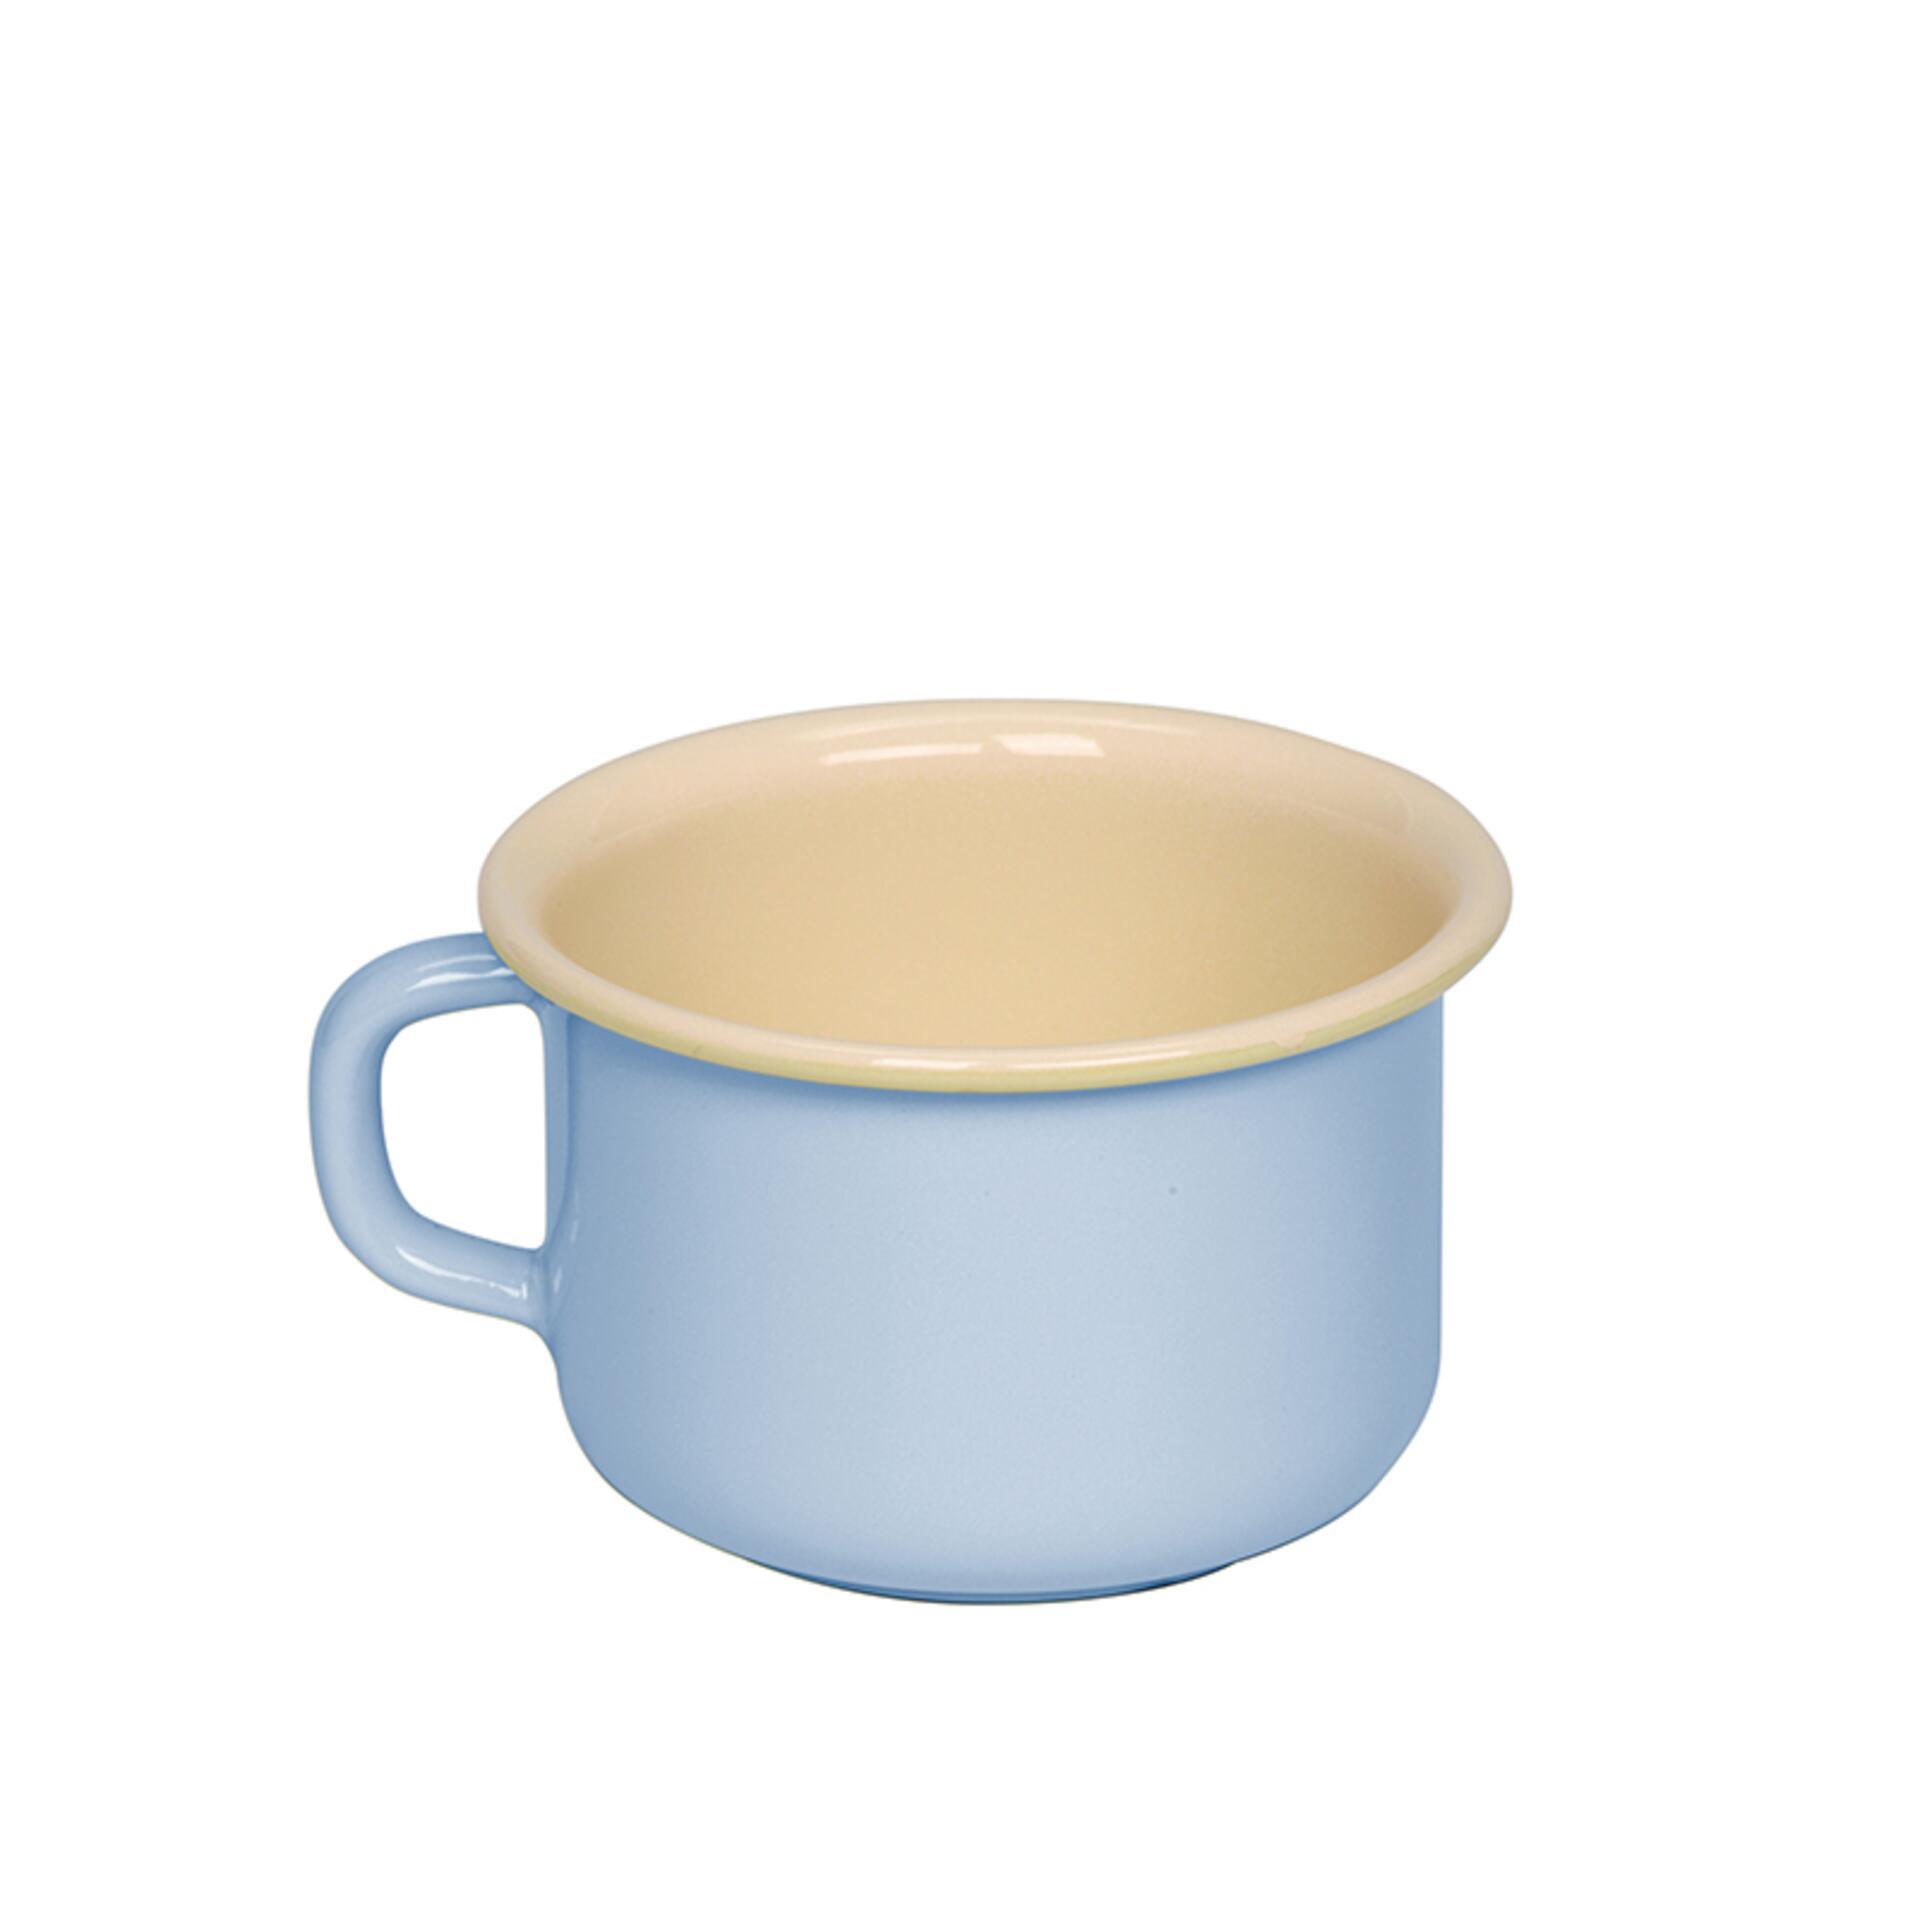 Riess Kaffeeschale Emaille 10 cm Blau